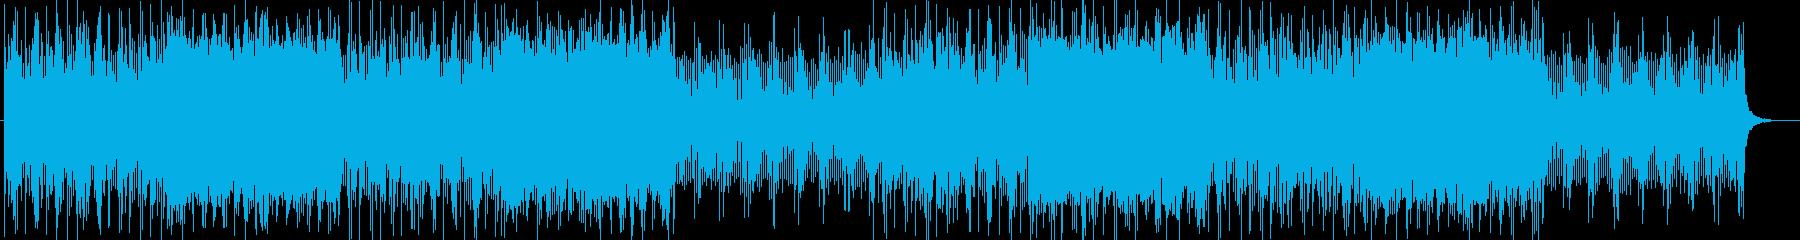 メルヘンなシンセサイザーサウンドの再生済みの波形